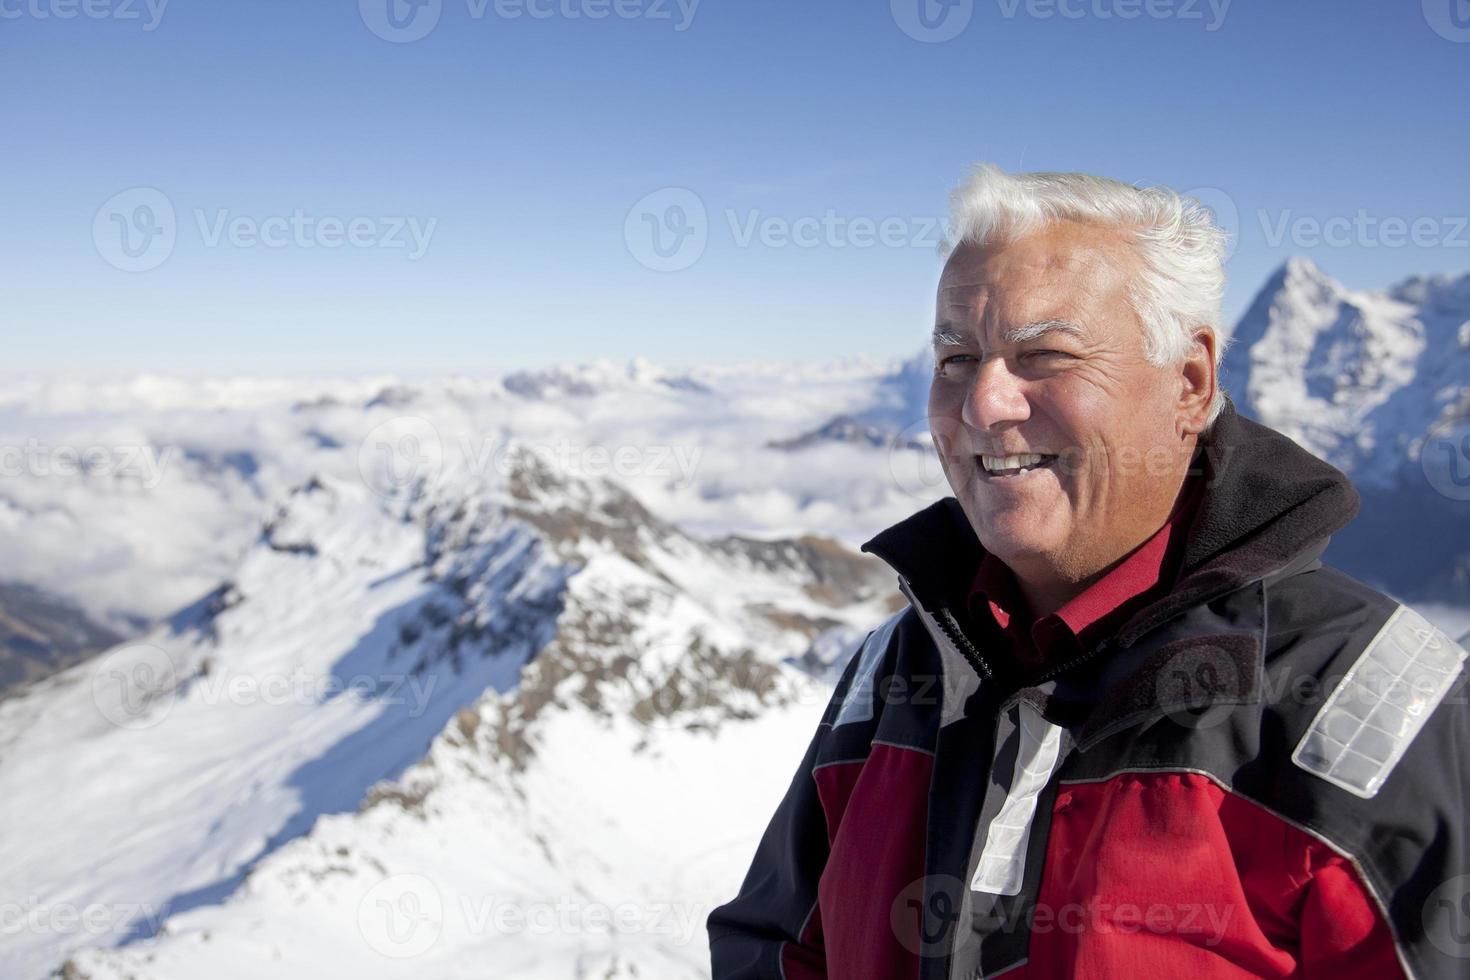 Mann auf den Bergen. foto